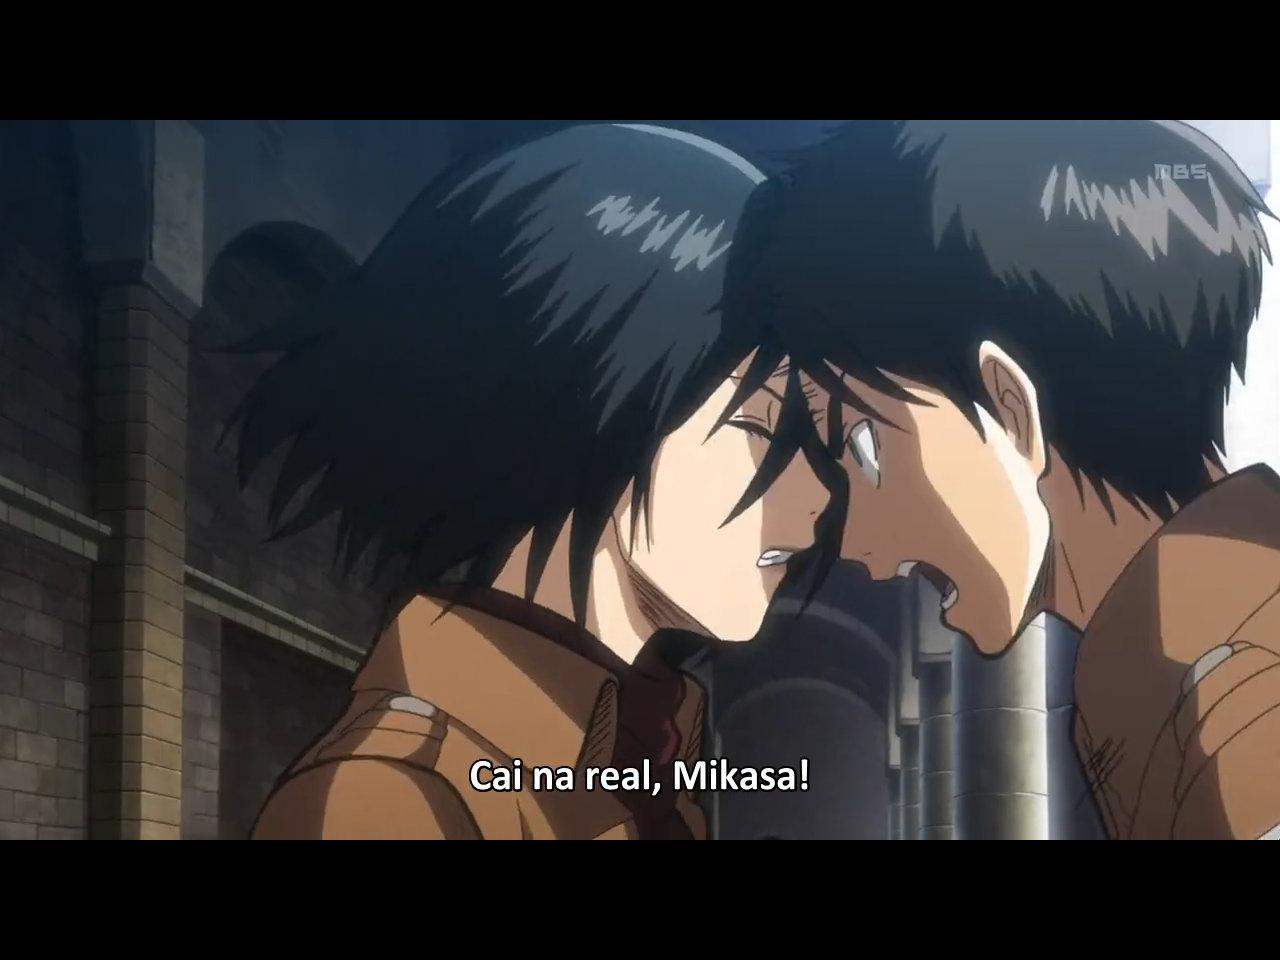 eren x mikasa kiss - photo #13